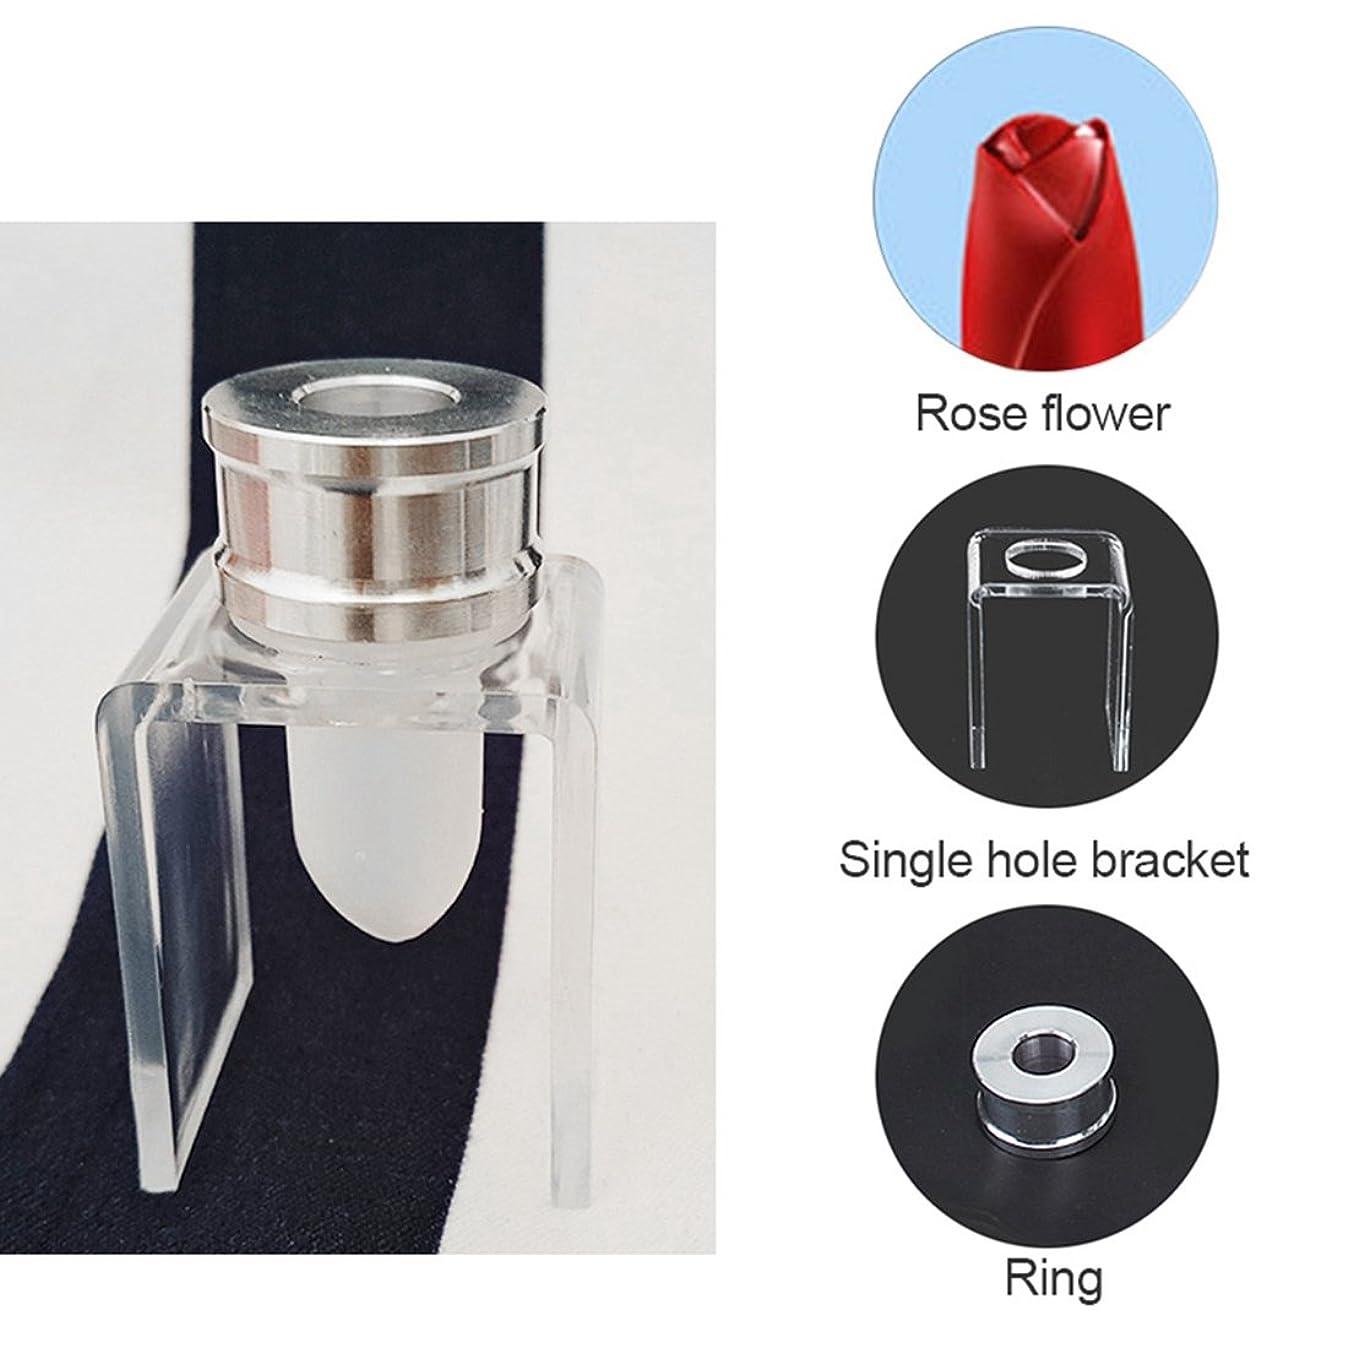 ギャップロゴテンポSODIAL 3セット DIY 12.1mm シンプルな口紅の充填チューブ シリコーン金型 アルミリング シングルホールブラケット 手作りの口紅ツール シンプルなセット バラ